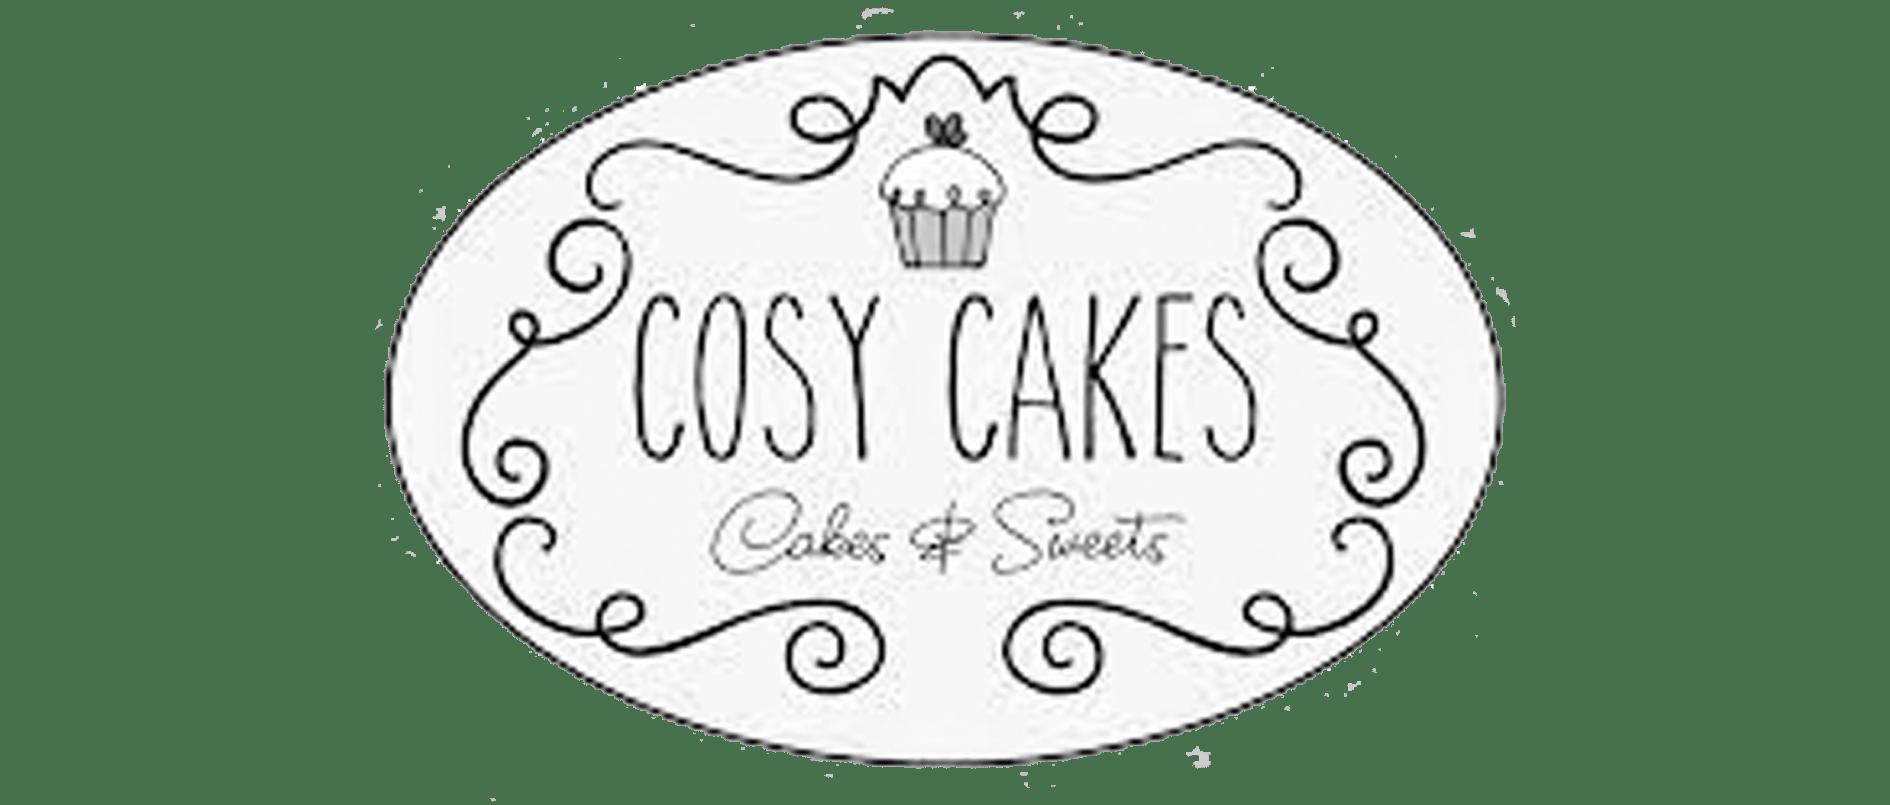 Cosyckaes